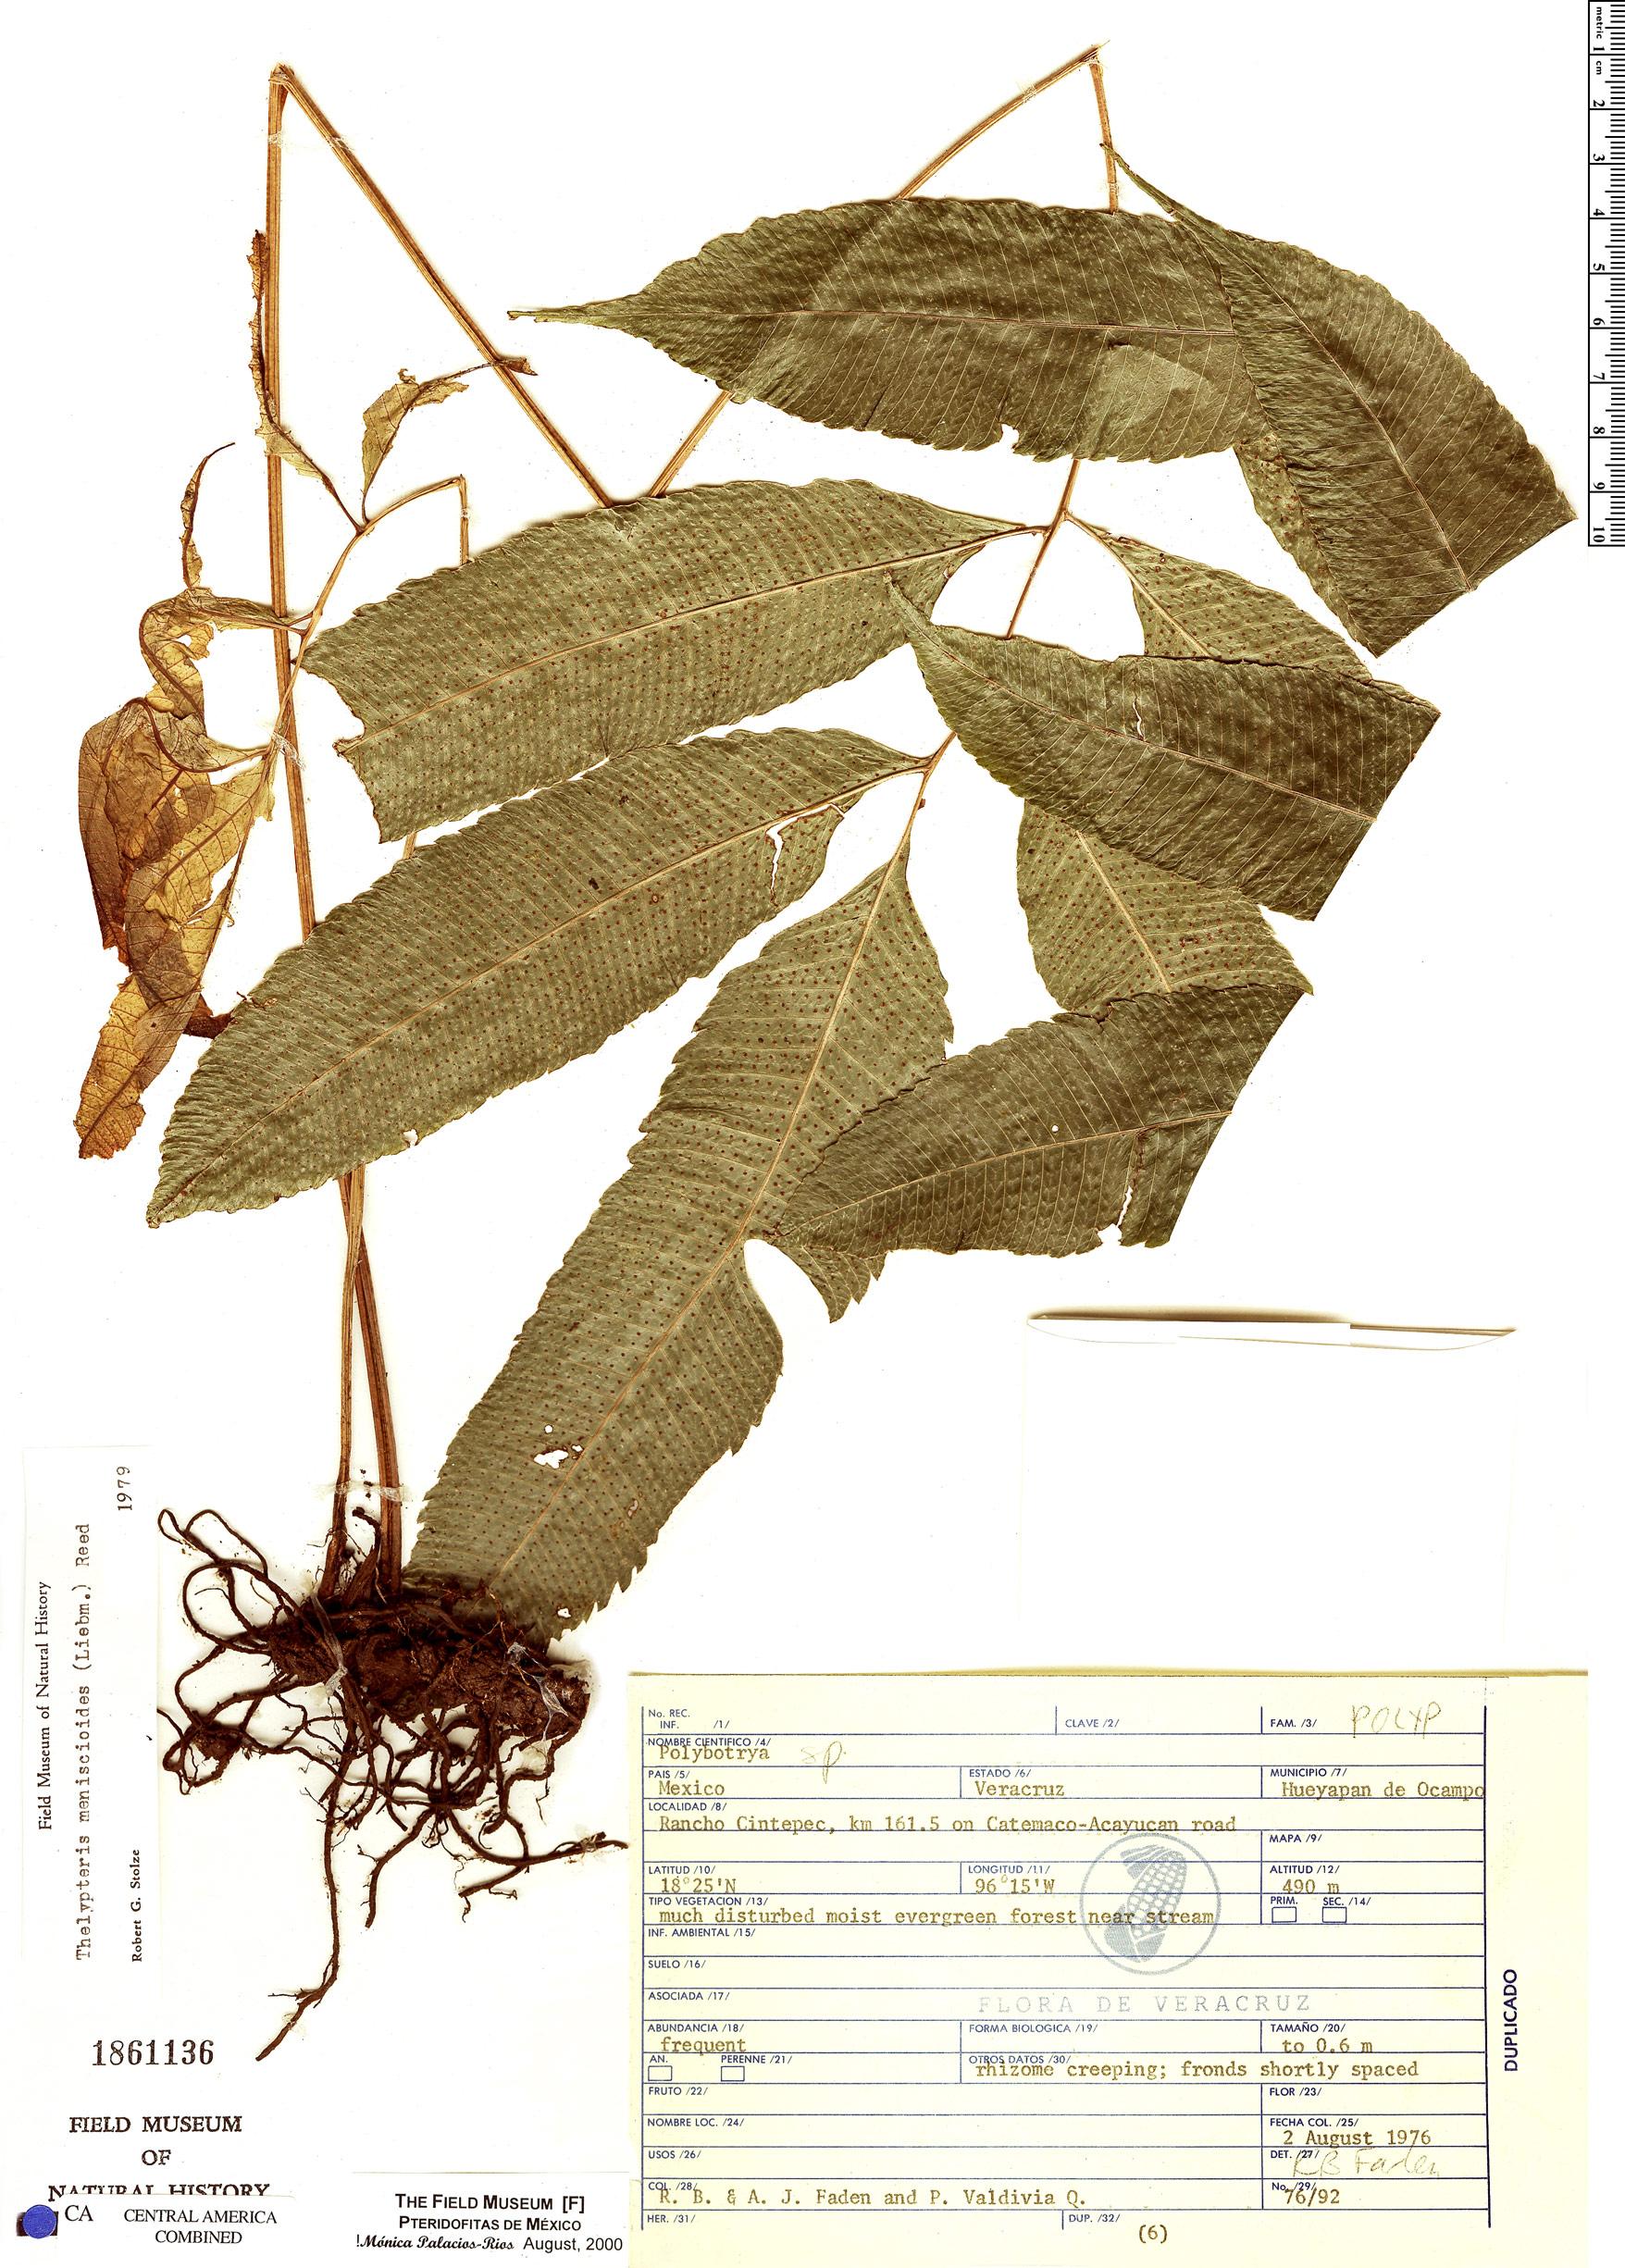 Specimen: Thelypteris meniscioides